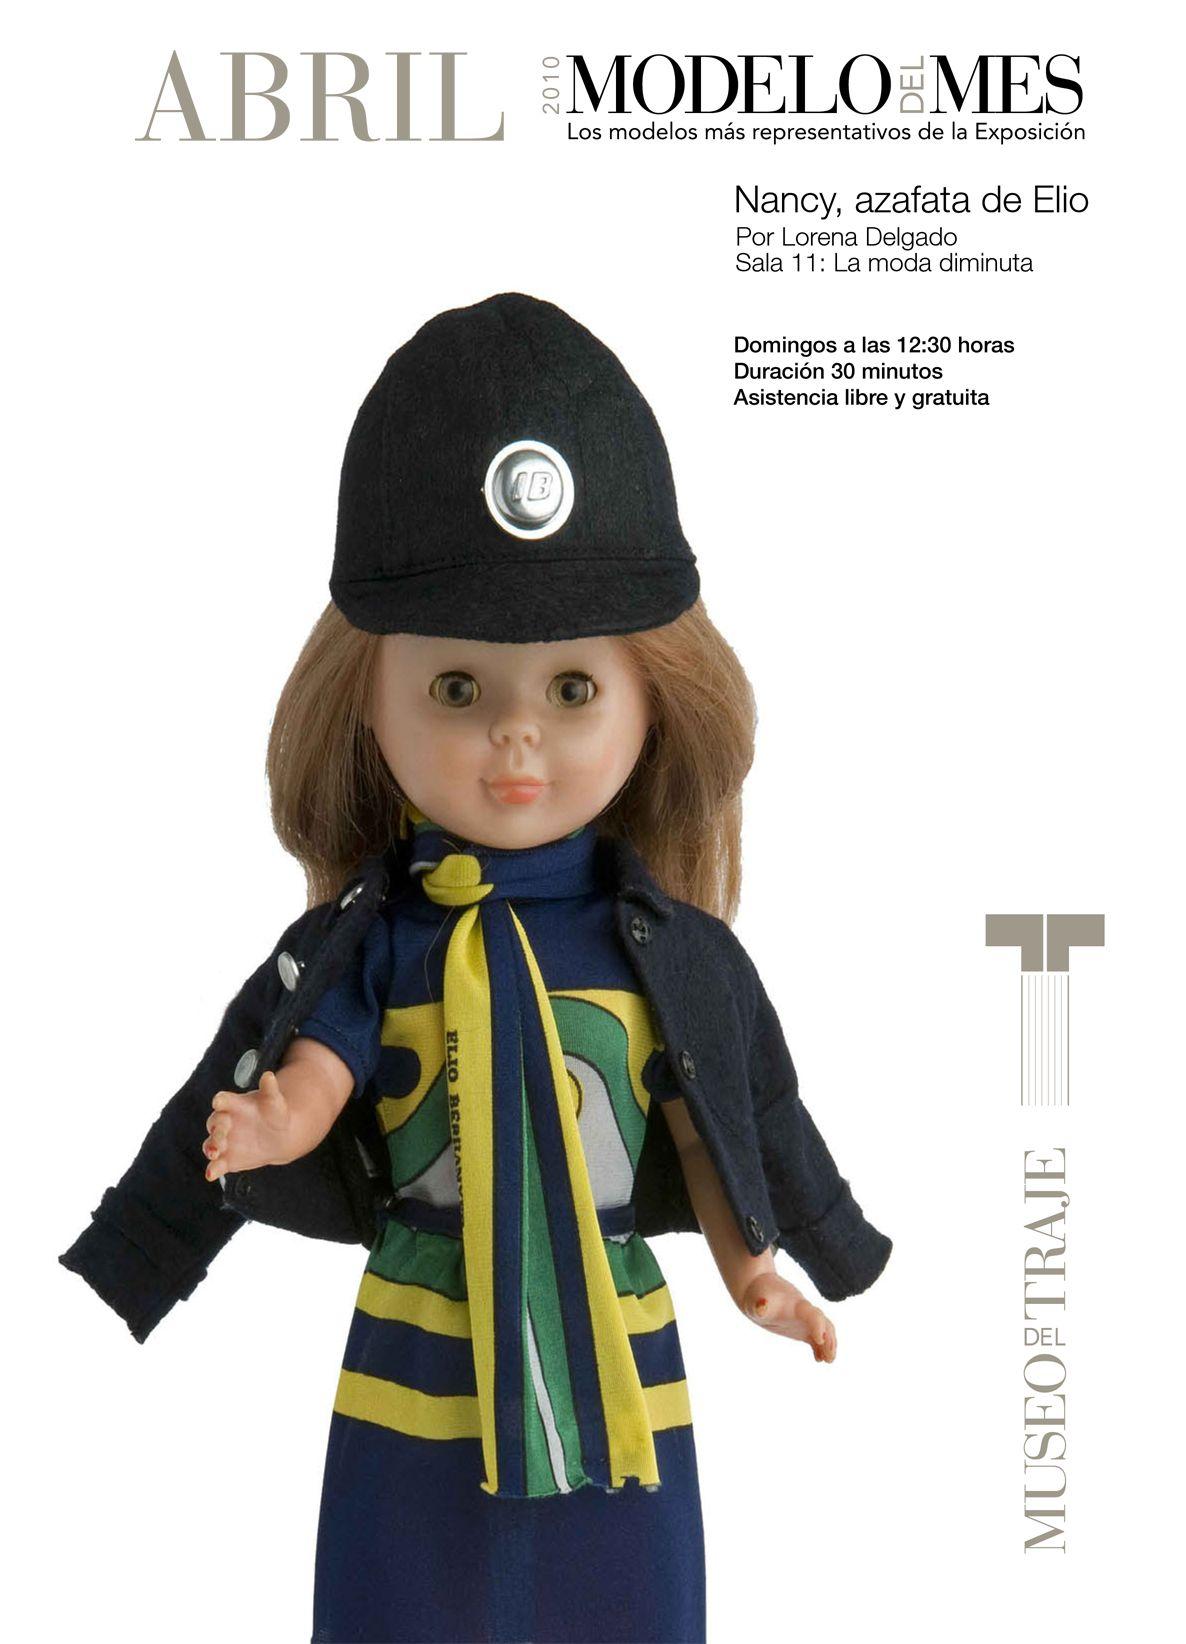 Mi Nancy Tenia Este Modelazo De Azafata Nancy Doll Spanish Girls To My Daughter